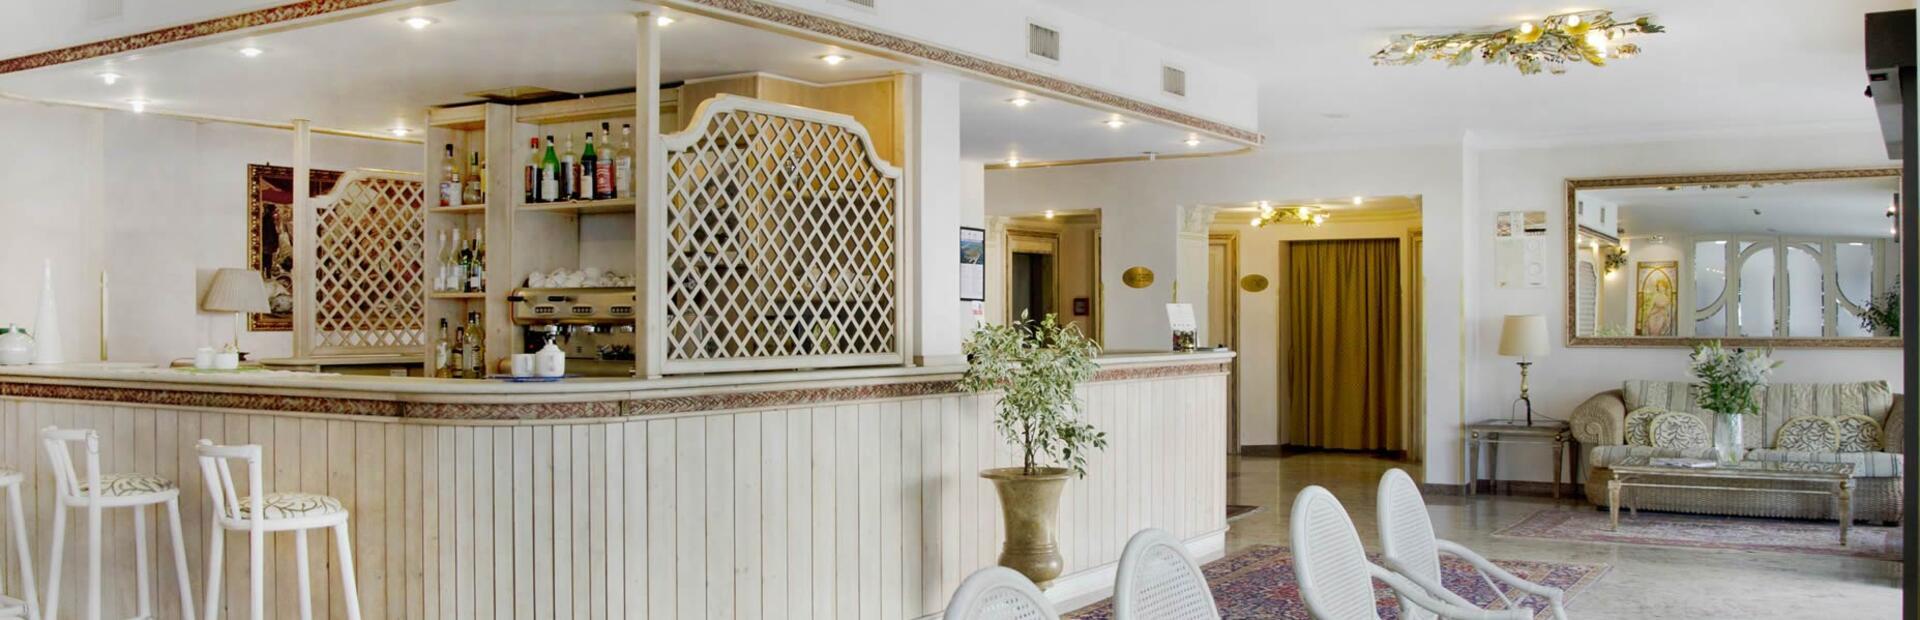 hotel-sole it comfort-servizi 001